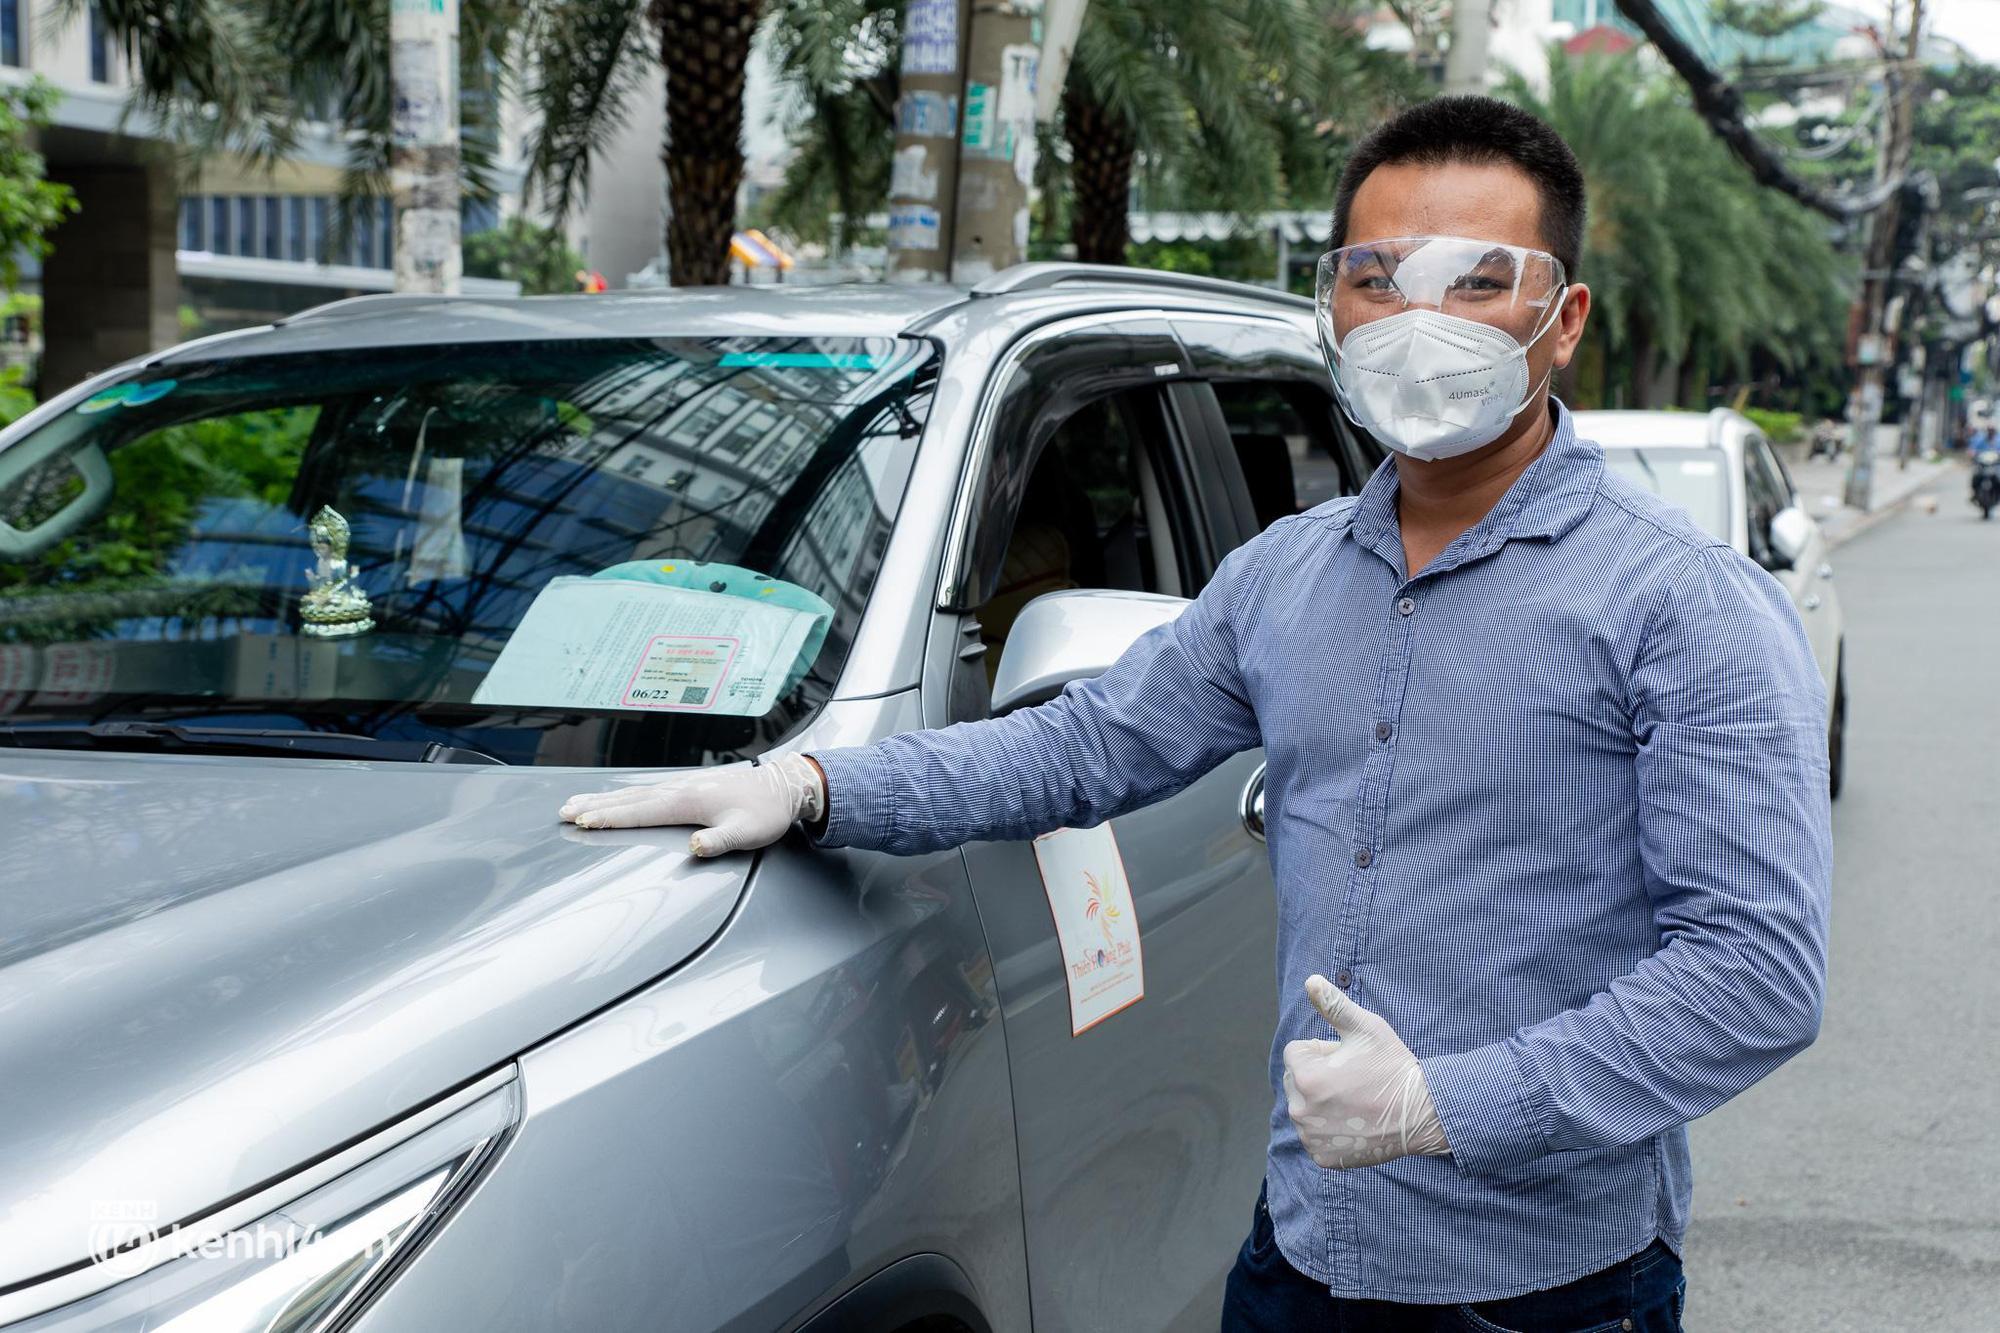 Sài Gòn nới lỏng giãn cách xã hội, bác tài phấn khởi ngày hoạt động trở lại với dịch vụ GrabCar Protect - Ảnh 3.